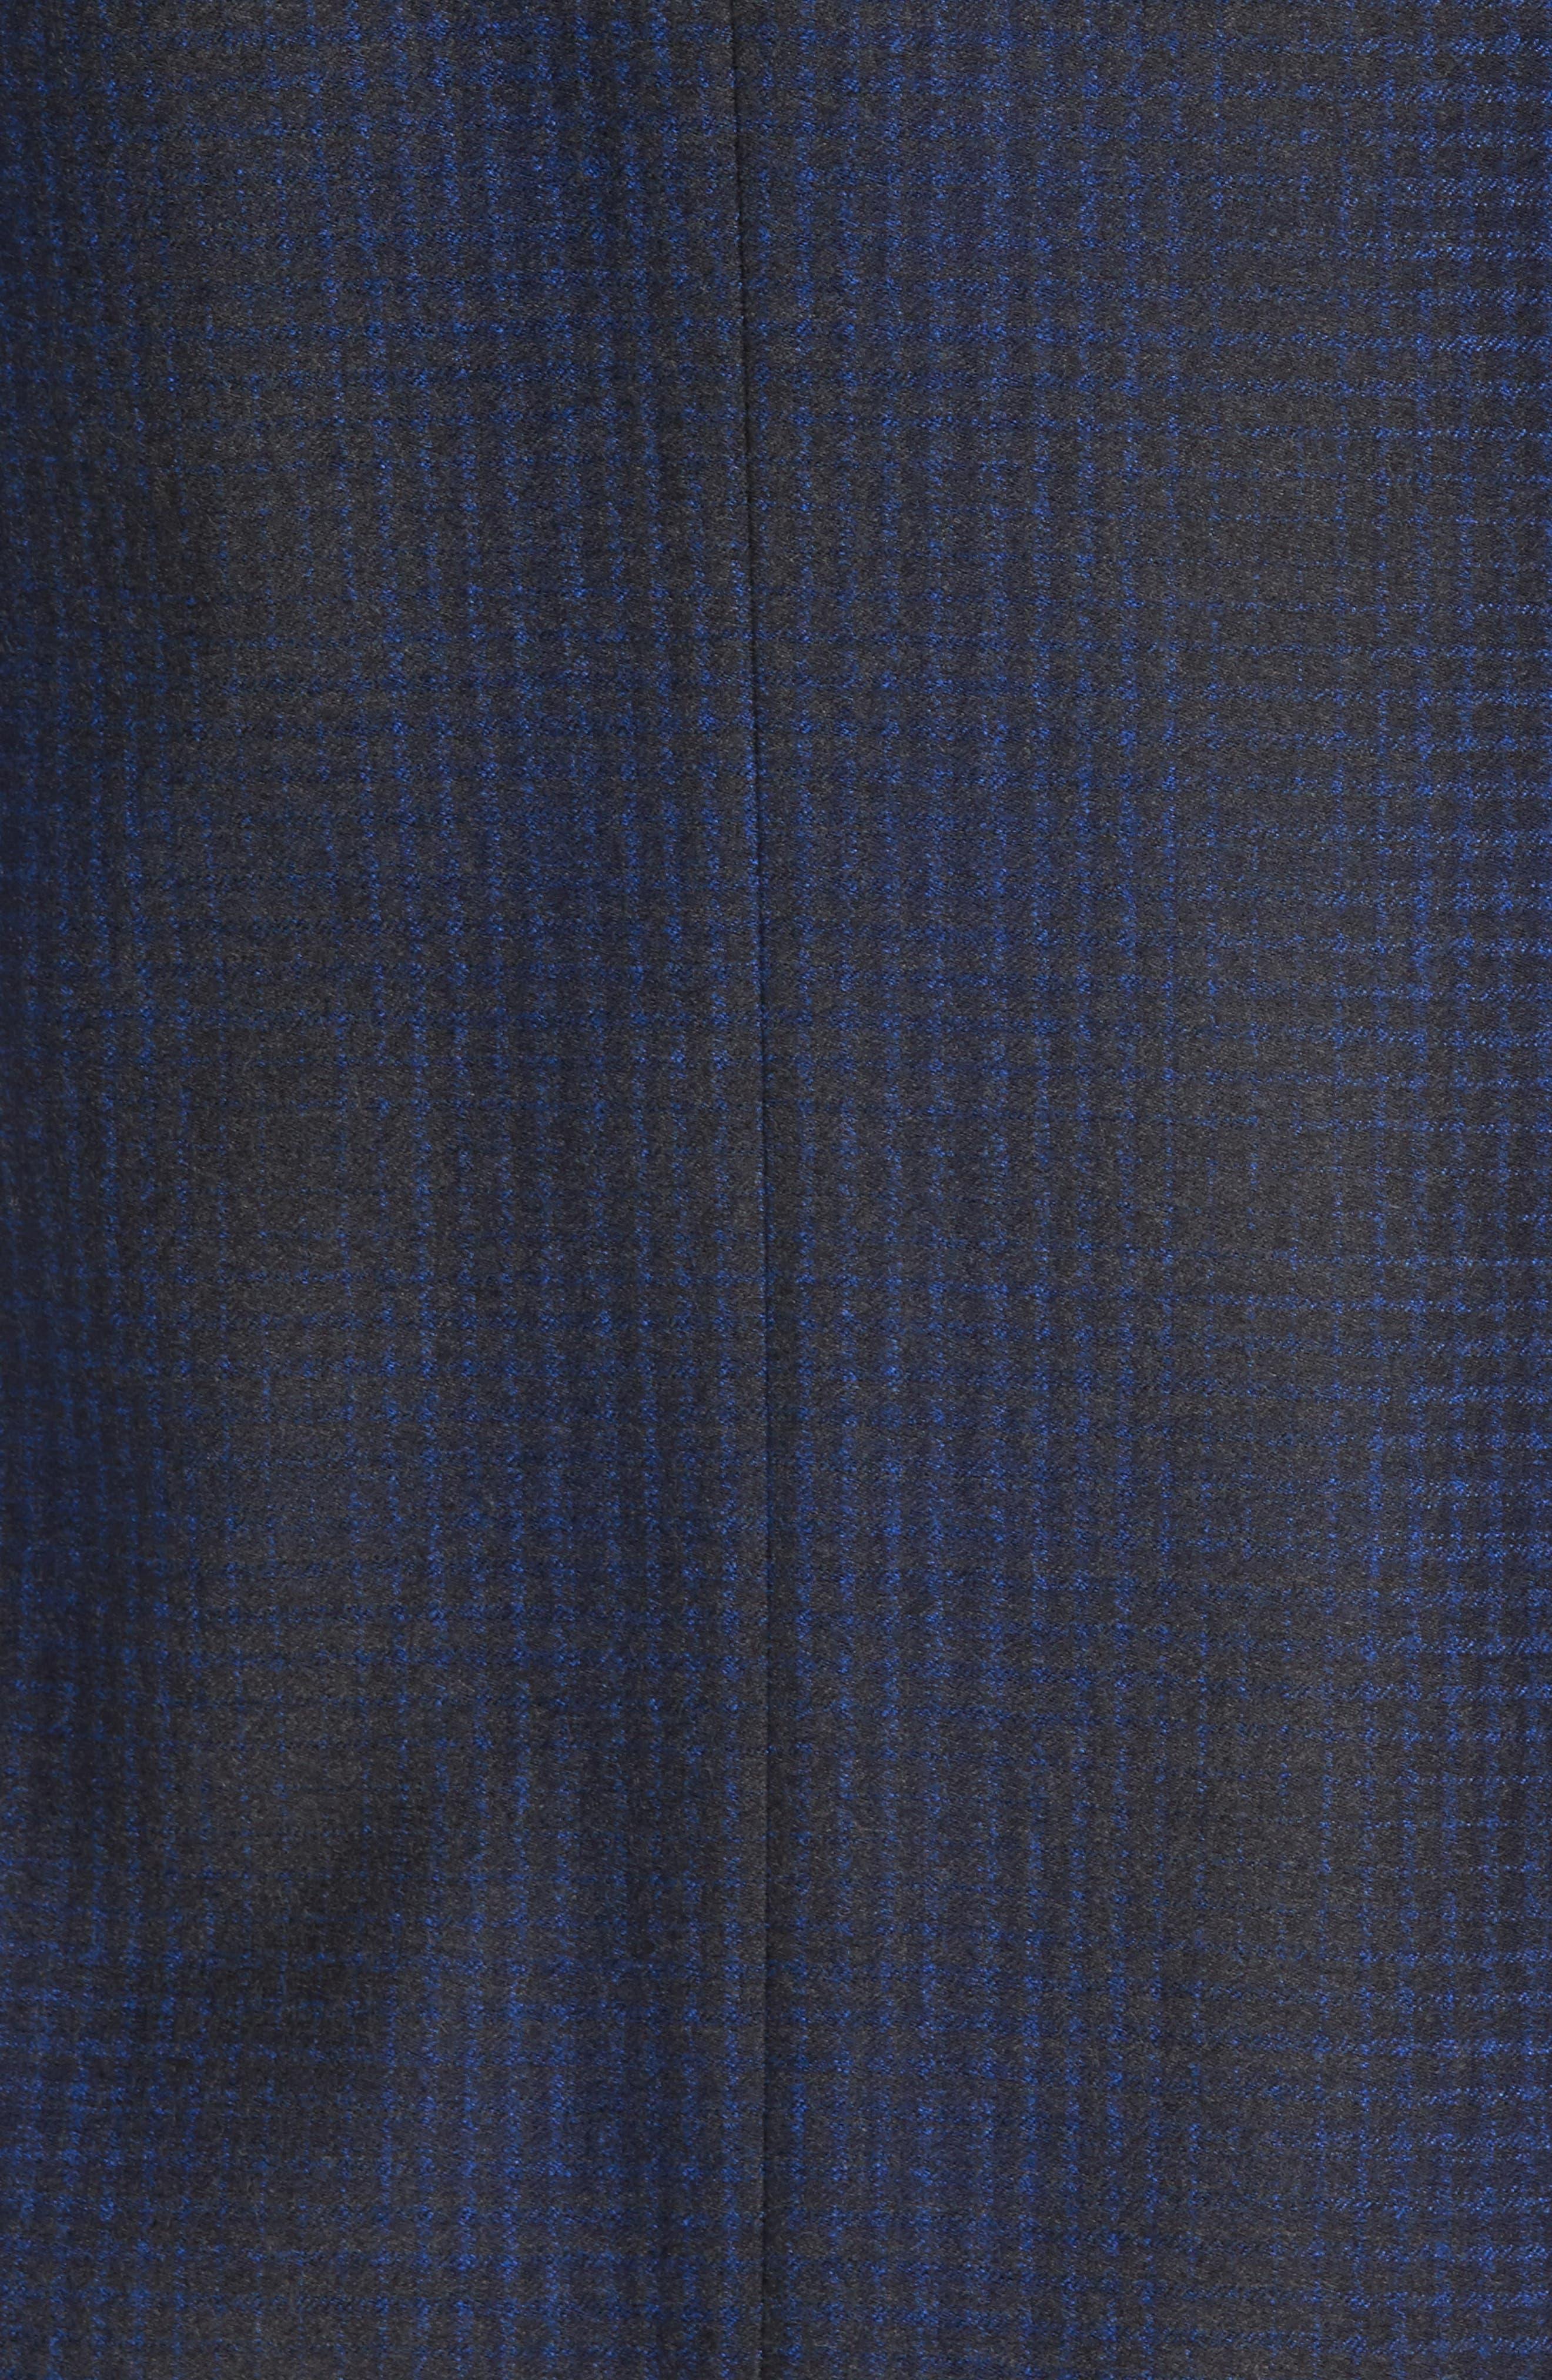 Trim Fit Plaid Wool Sport Coat,                             Alternate thumbnail 6, color,                             010